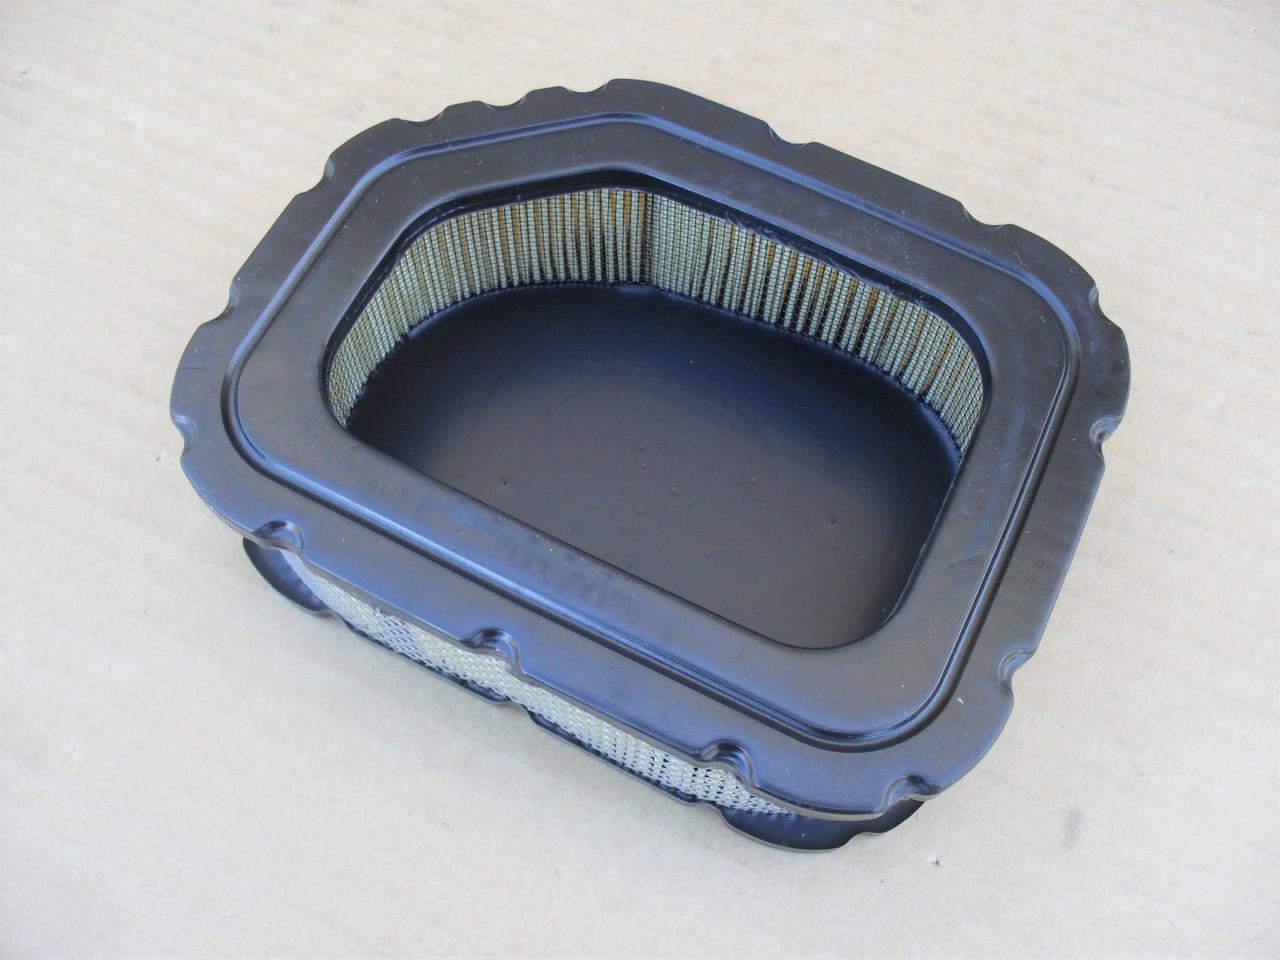 Air Filter for Kohler SV710, SV715, SV720, SV730, SV735, SV740, Courage 3208303, 3208303S, 3208803, 3288303S1, 32 083 03, 32 083 03-S, 32 088 03, 32 883 03-S1